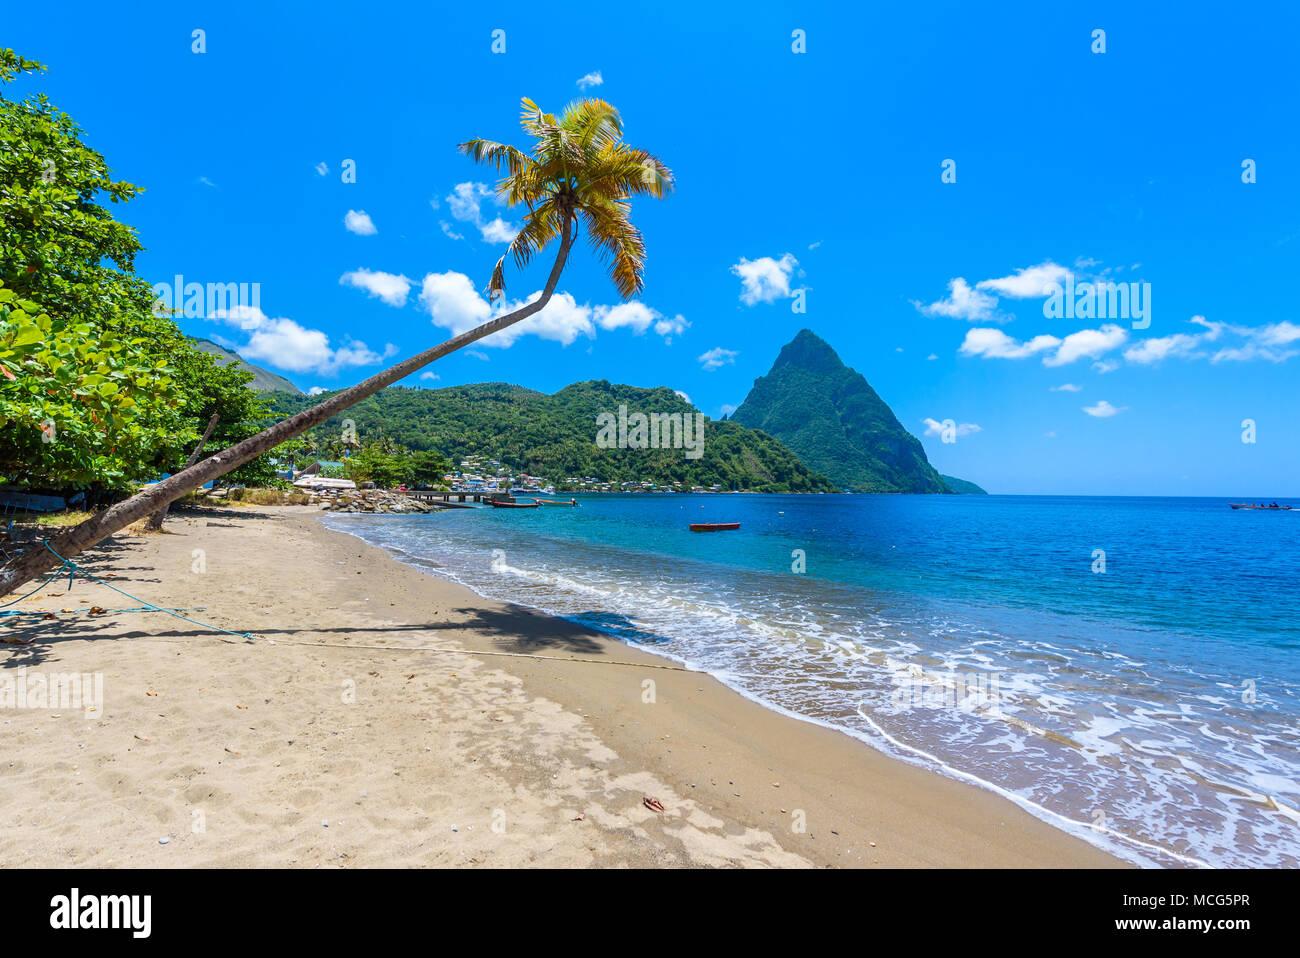 Paradise beach à Soufriere Bay avec vue sur le piton à petite ville de Soufrière, Sainte-Lucie île tropicale des Caraïbes. Banque D'Images